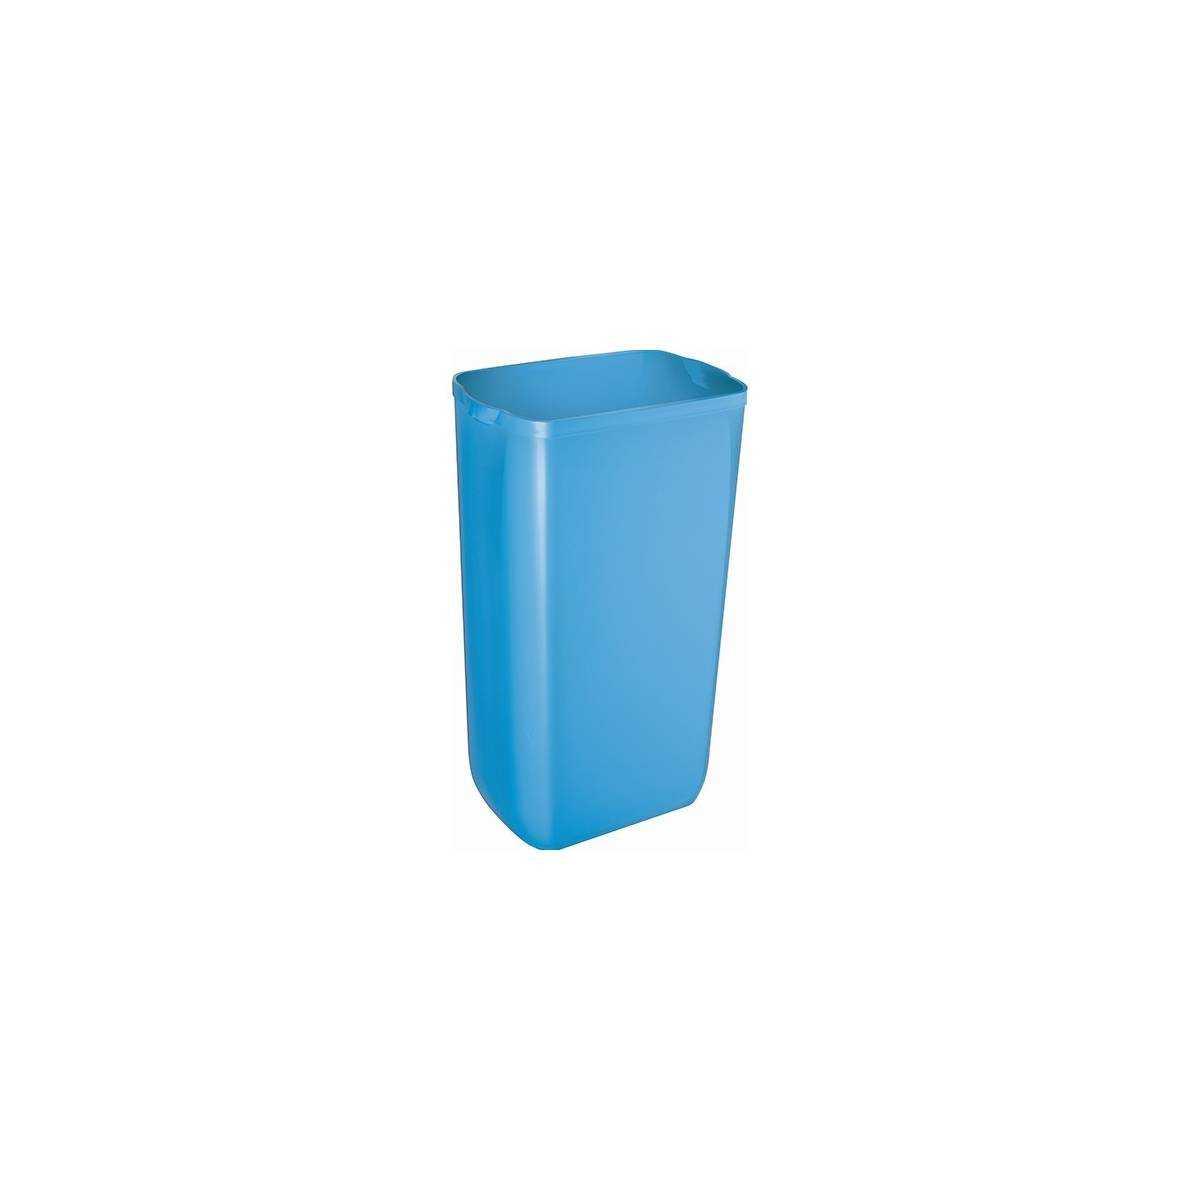 Урна для мусора 23л COLORED (A74201AZ) A74201AZ Mar Plast